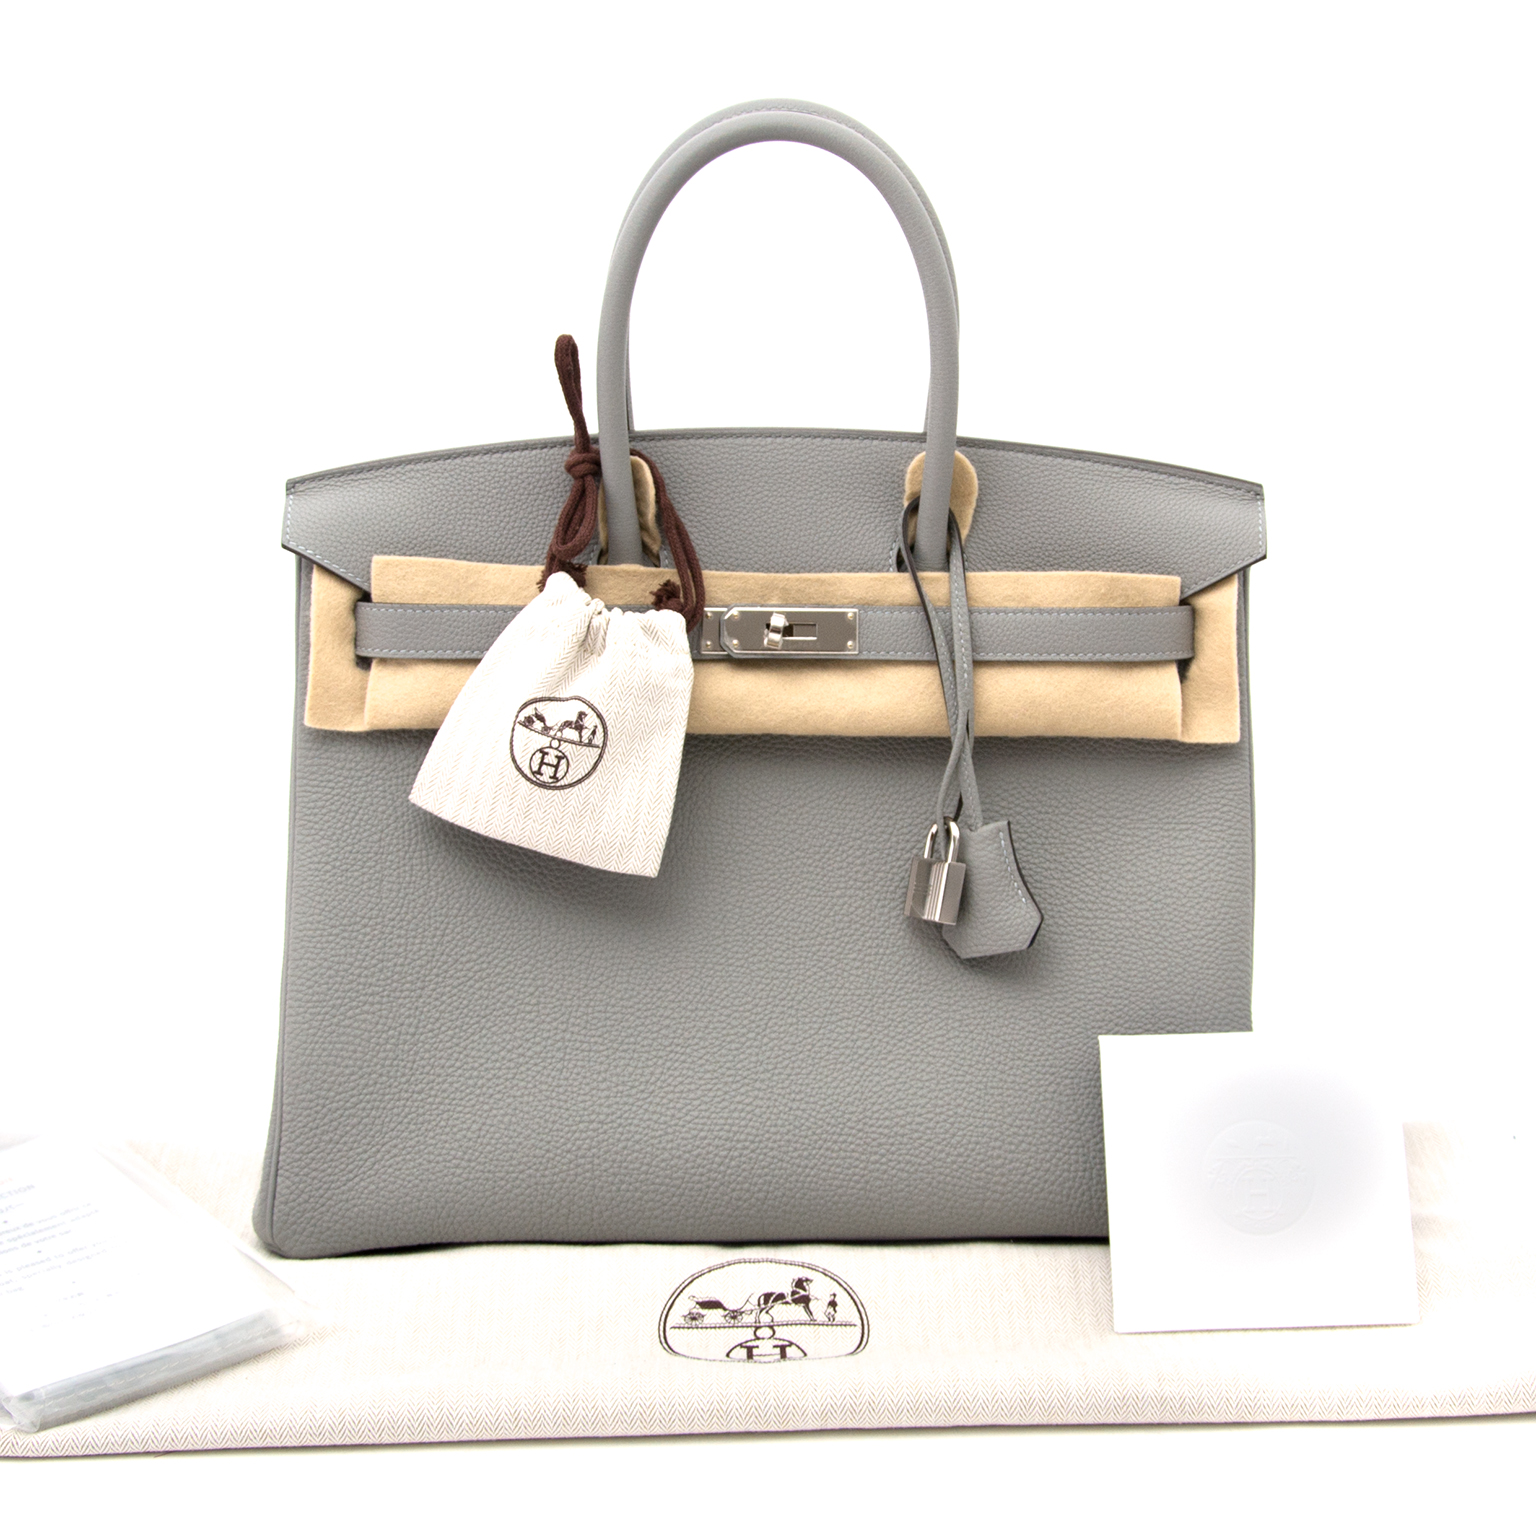 koop veilig online aan de beste prijs Brand New Hermes Birkin 35cm Bicolor Gris Mouette Togo And Blue Agathe